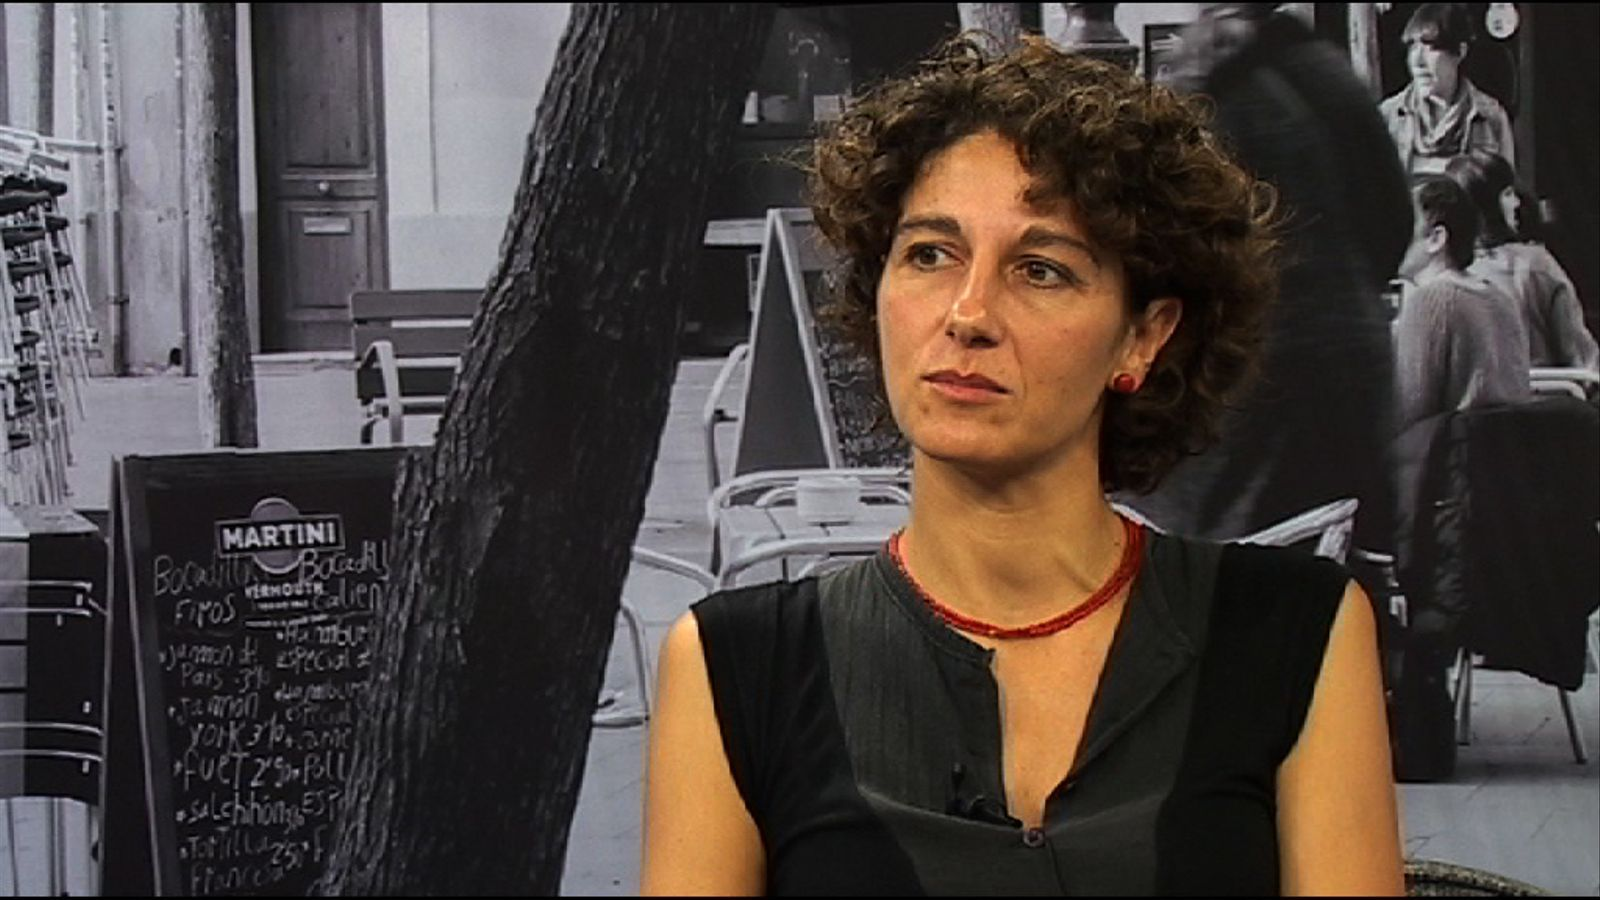 Marina Garcés: Barcelona és avui la marca d'un negoci extractivista del qual tots som recursos per explotar